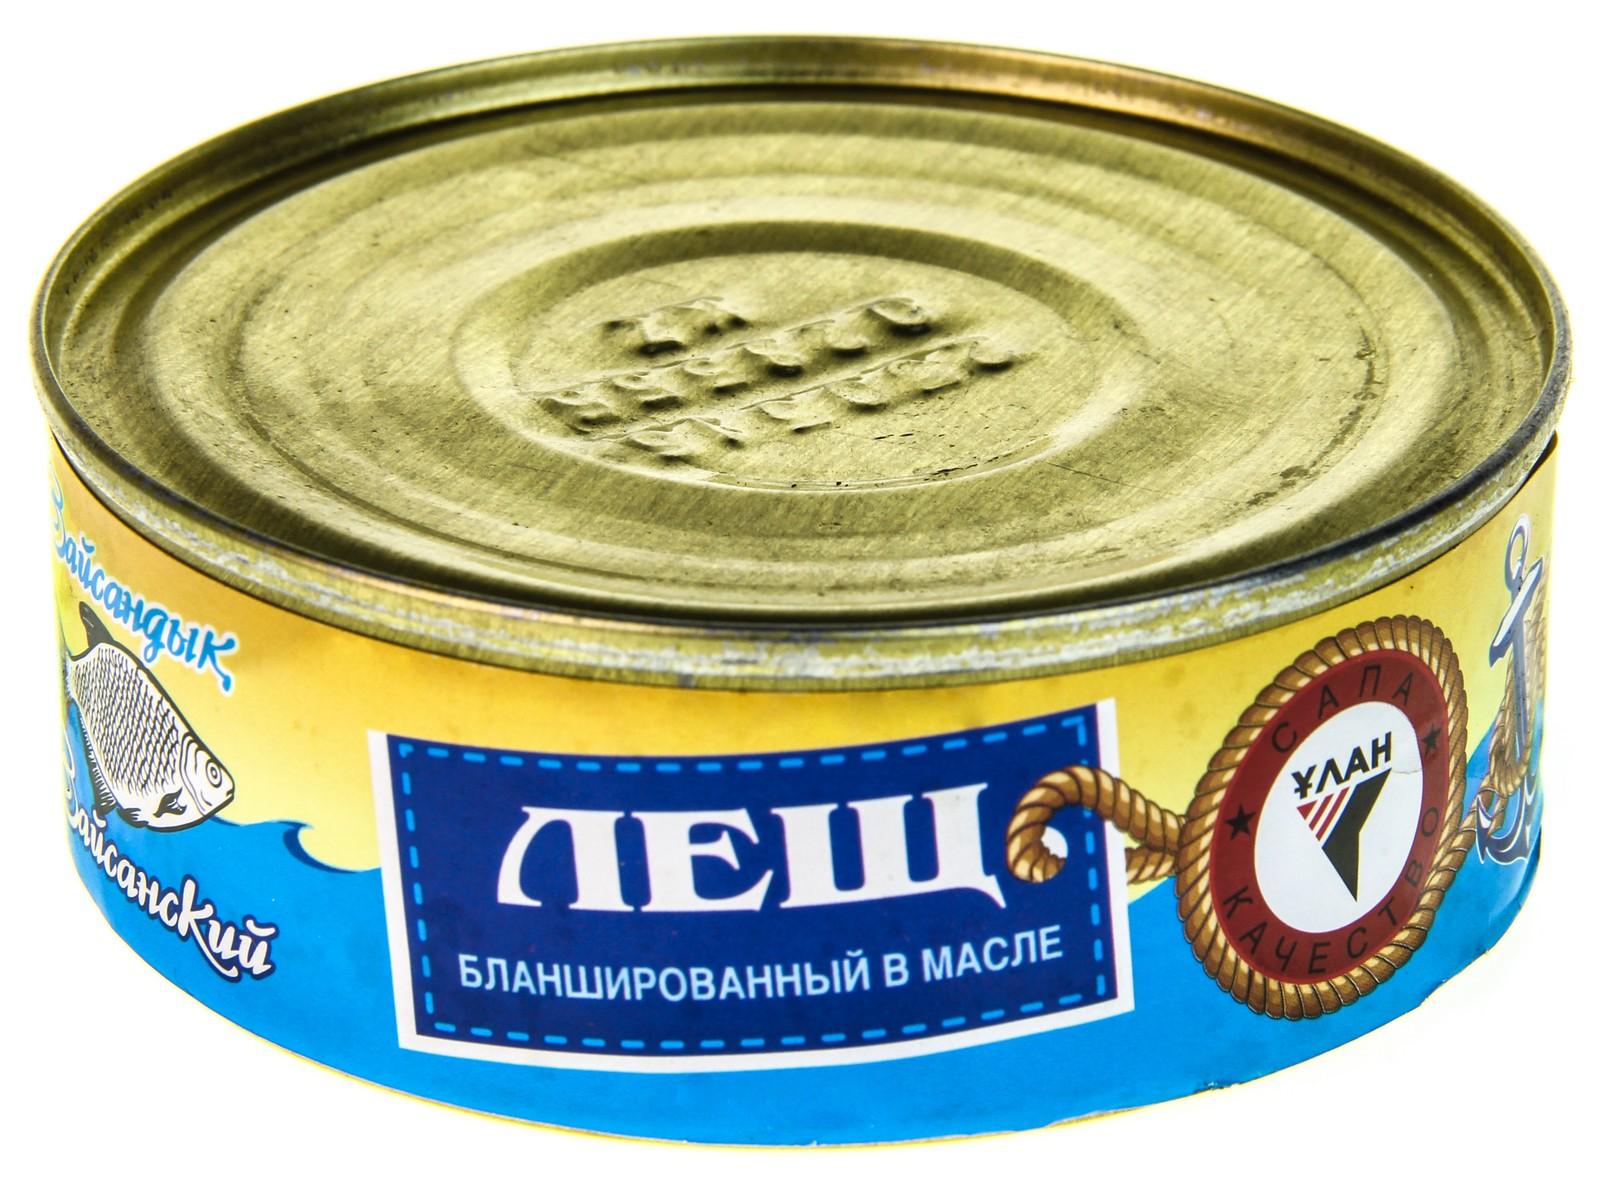 Рецепт консервов из леща в домашних условиях 711